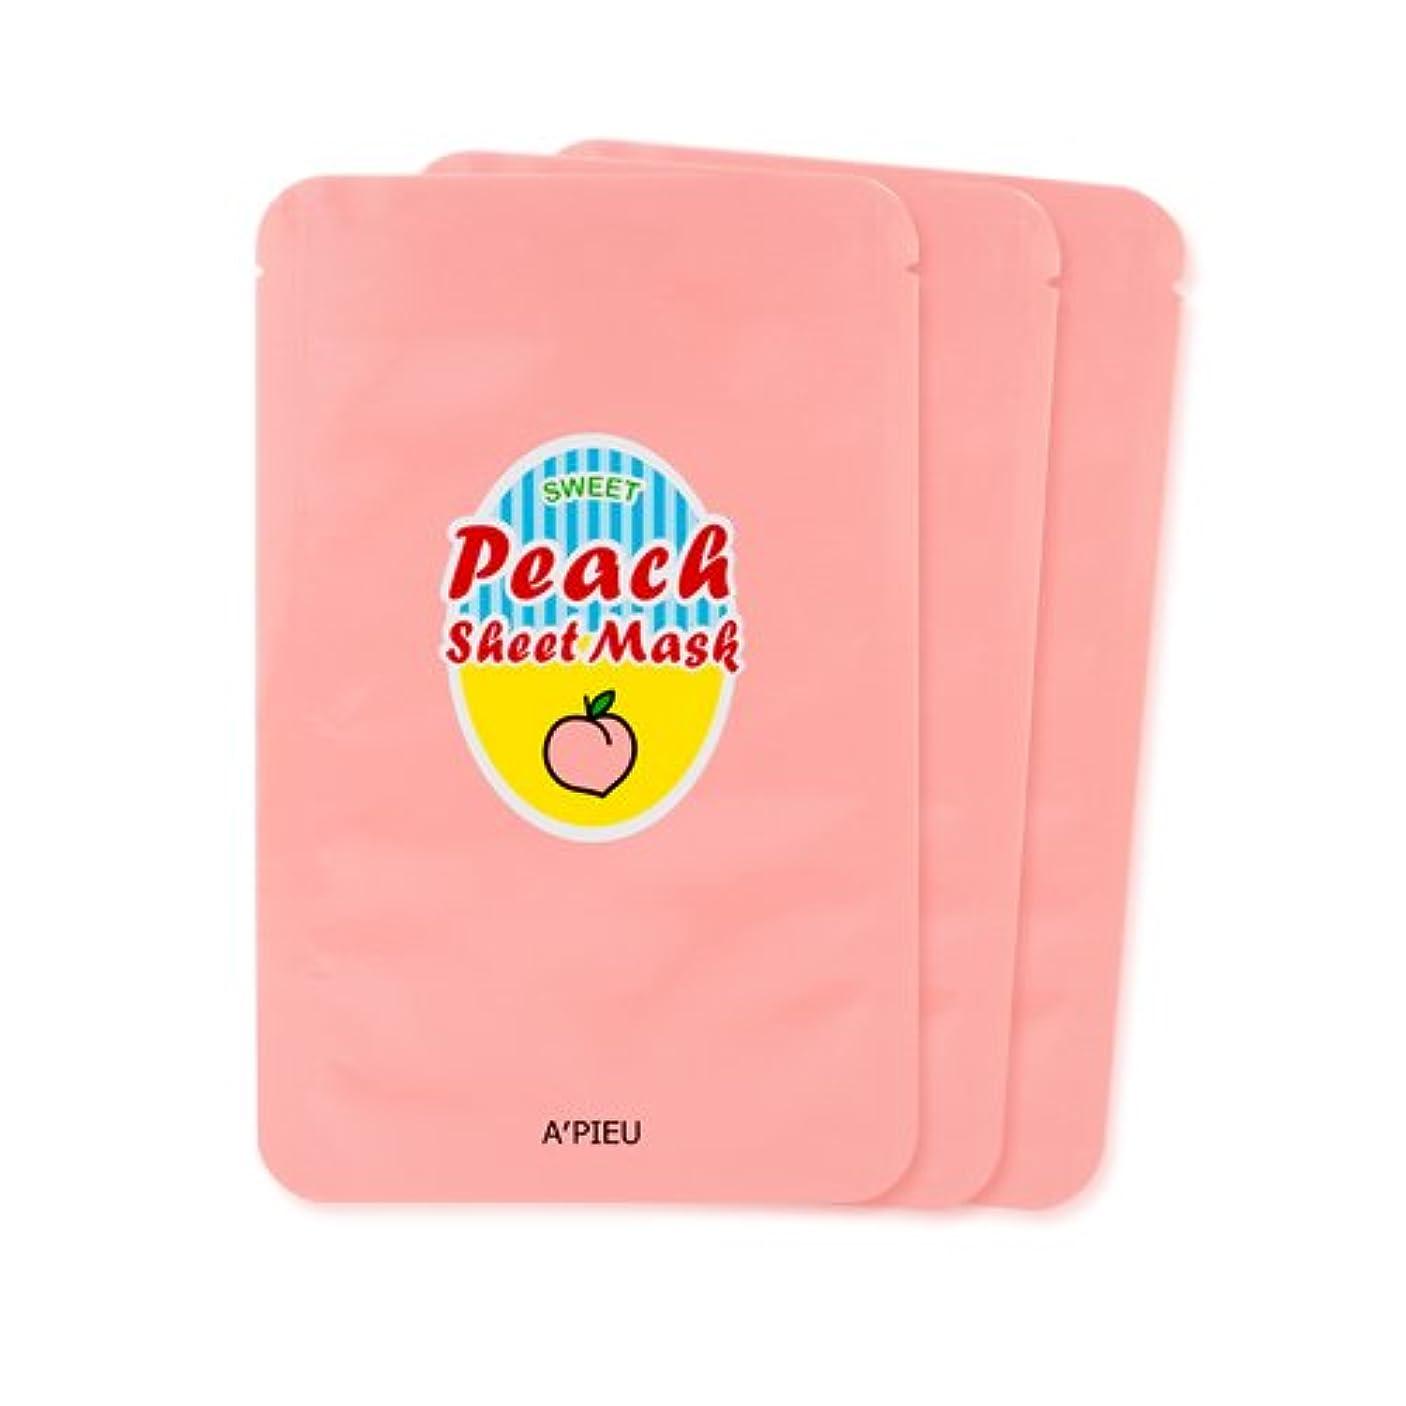 欠点仲介者周囲A'PIEU Sweet Peach Sheet Mask 3EA / [オピュ/アピュ] スイートピーチシートマスク3枚 [並行輸入品]